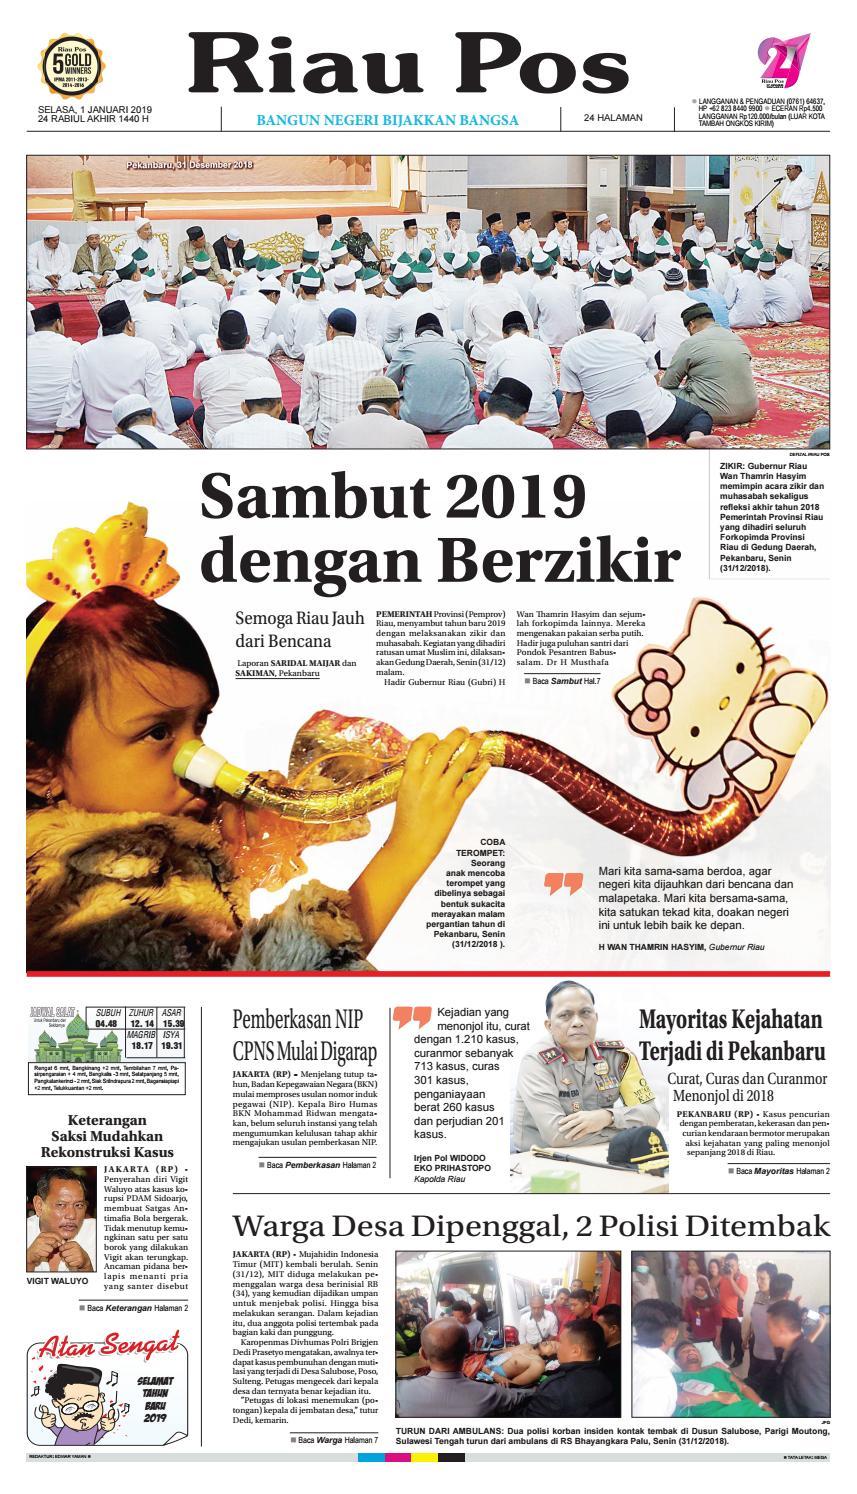 Riau Pos Edisi Selasa 01 Januari 2019 by Riau Pos - issuu 6ac78a9907